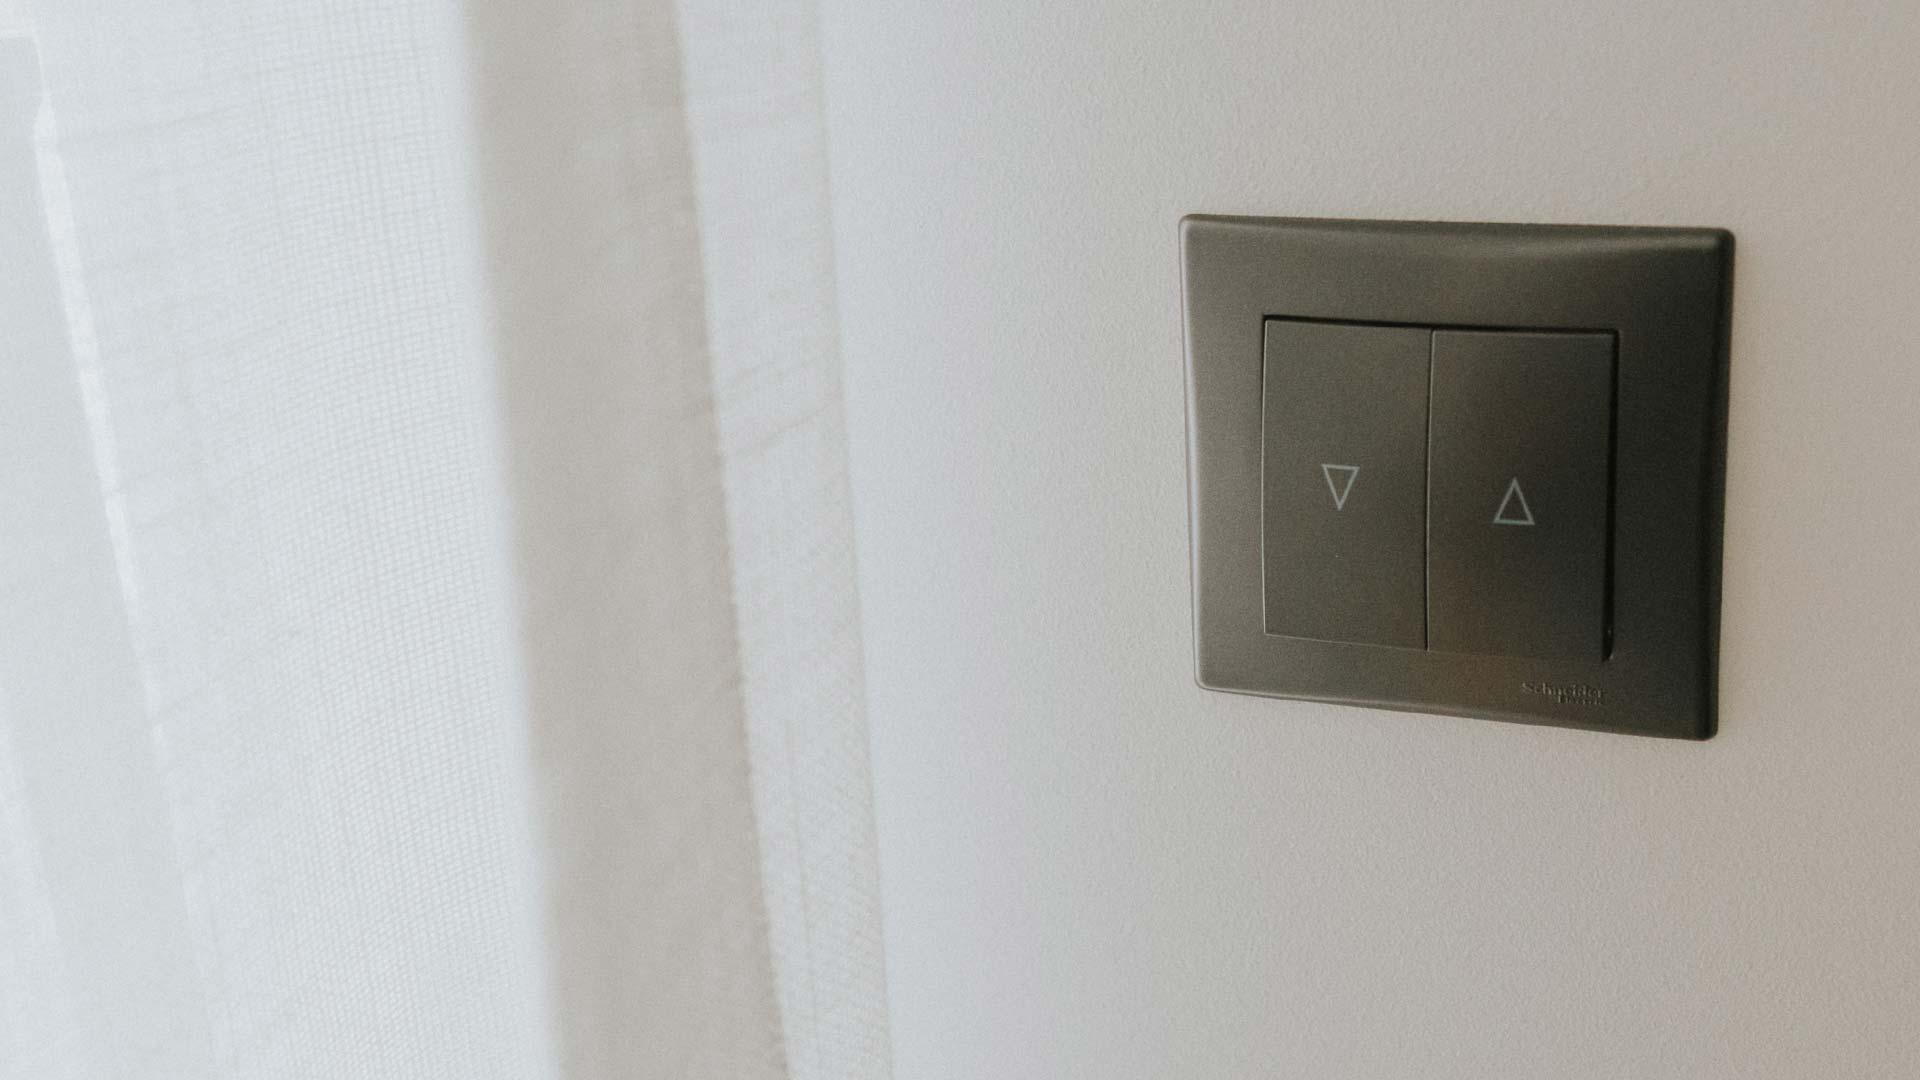 Gdzie można zamontować włączniki do karniszy elektrycznych?